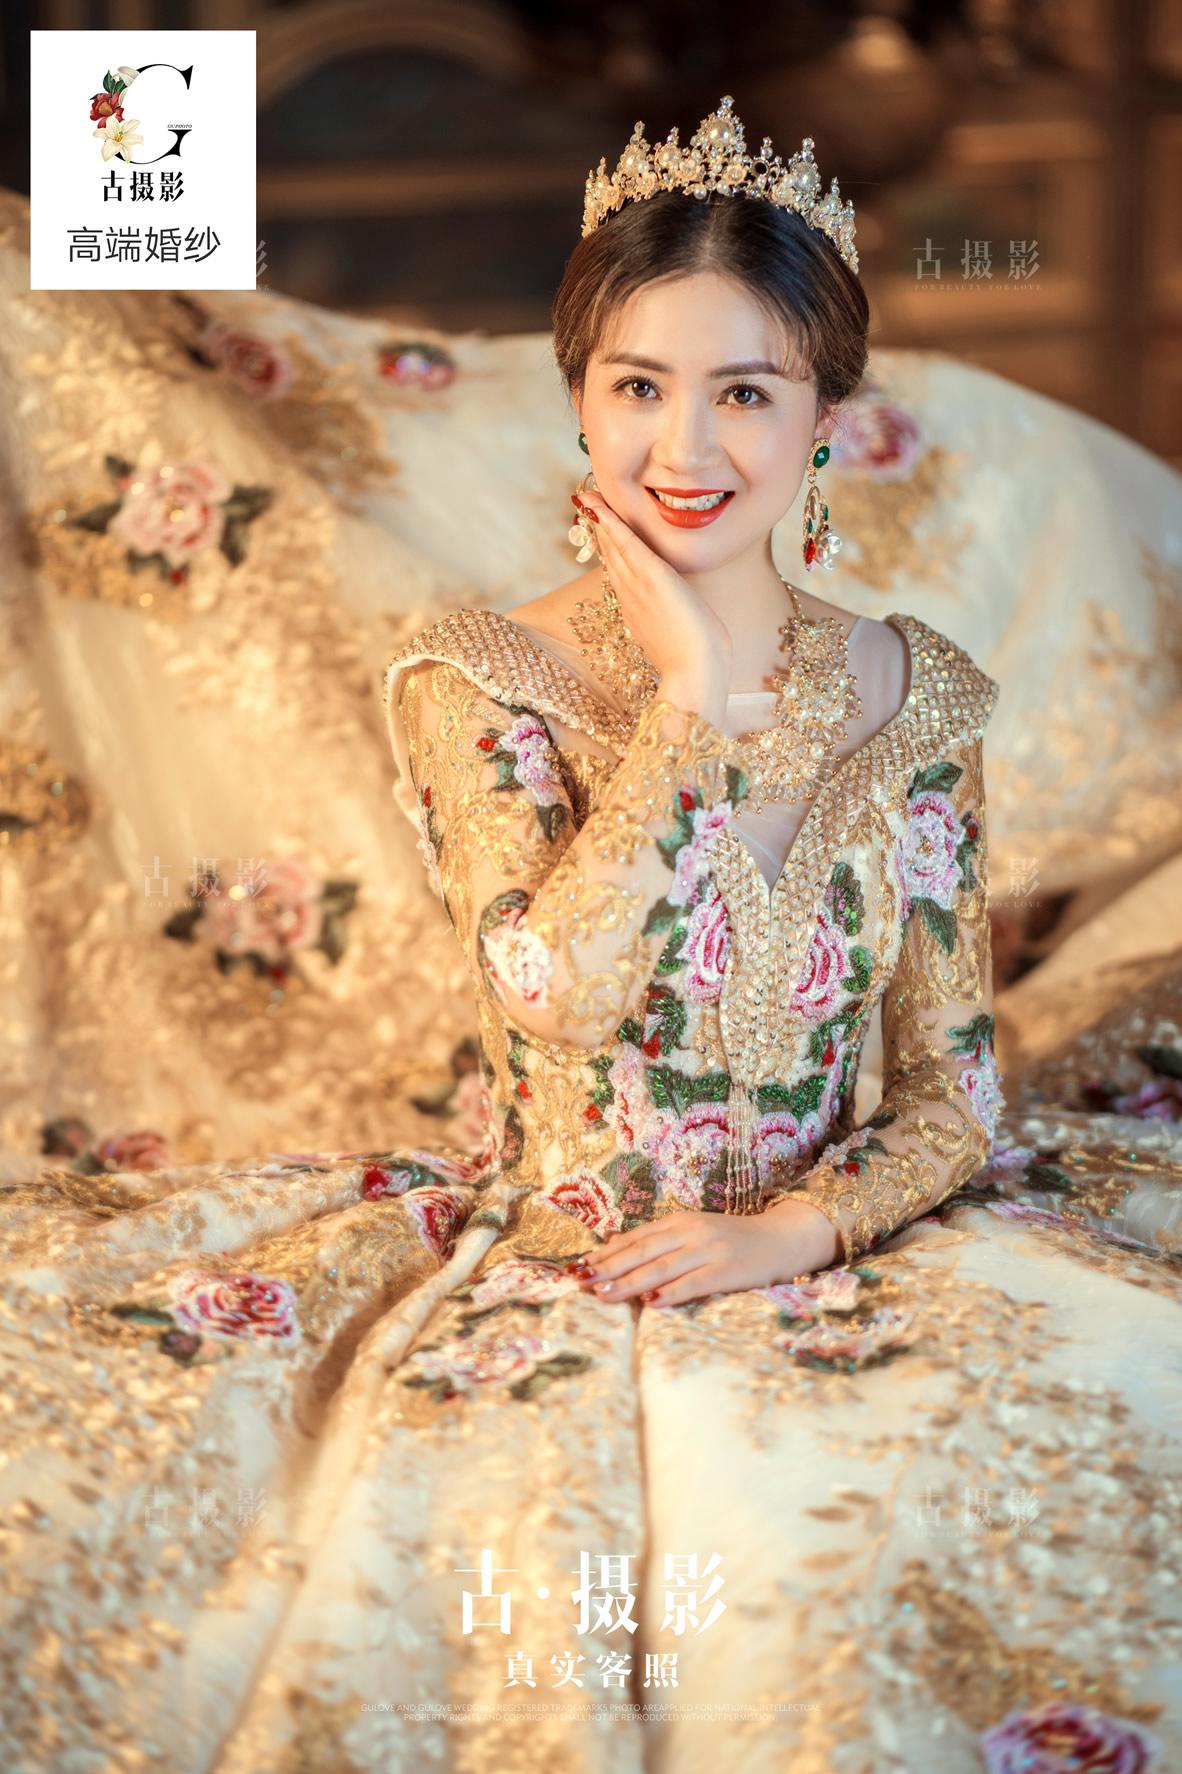 2月15日客片何先生 倪小姐 - 每日客照 - love上海古摄影-上海婚纱摄影网